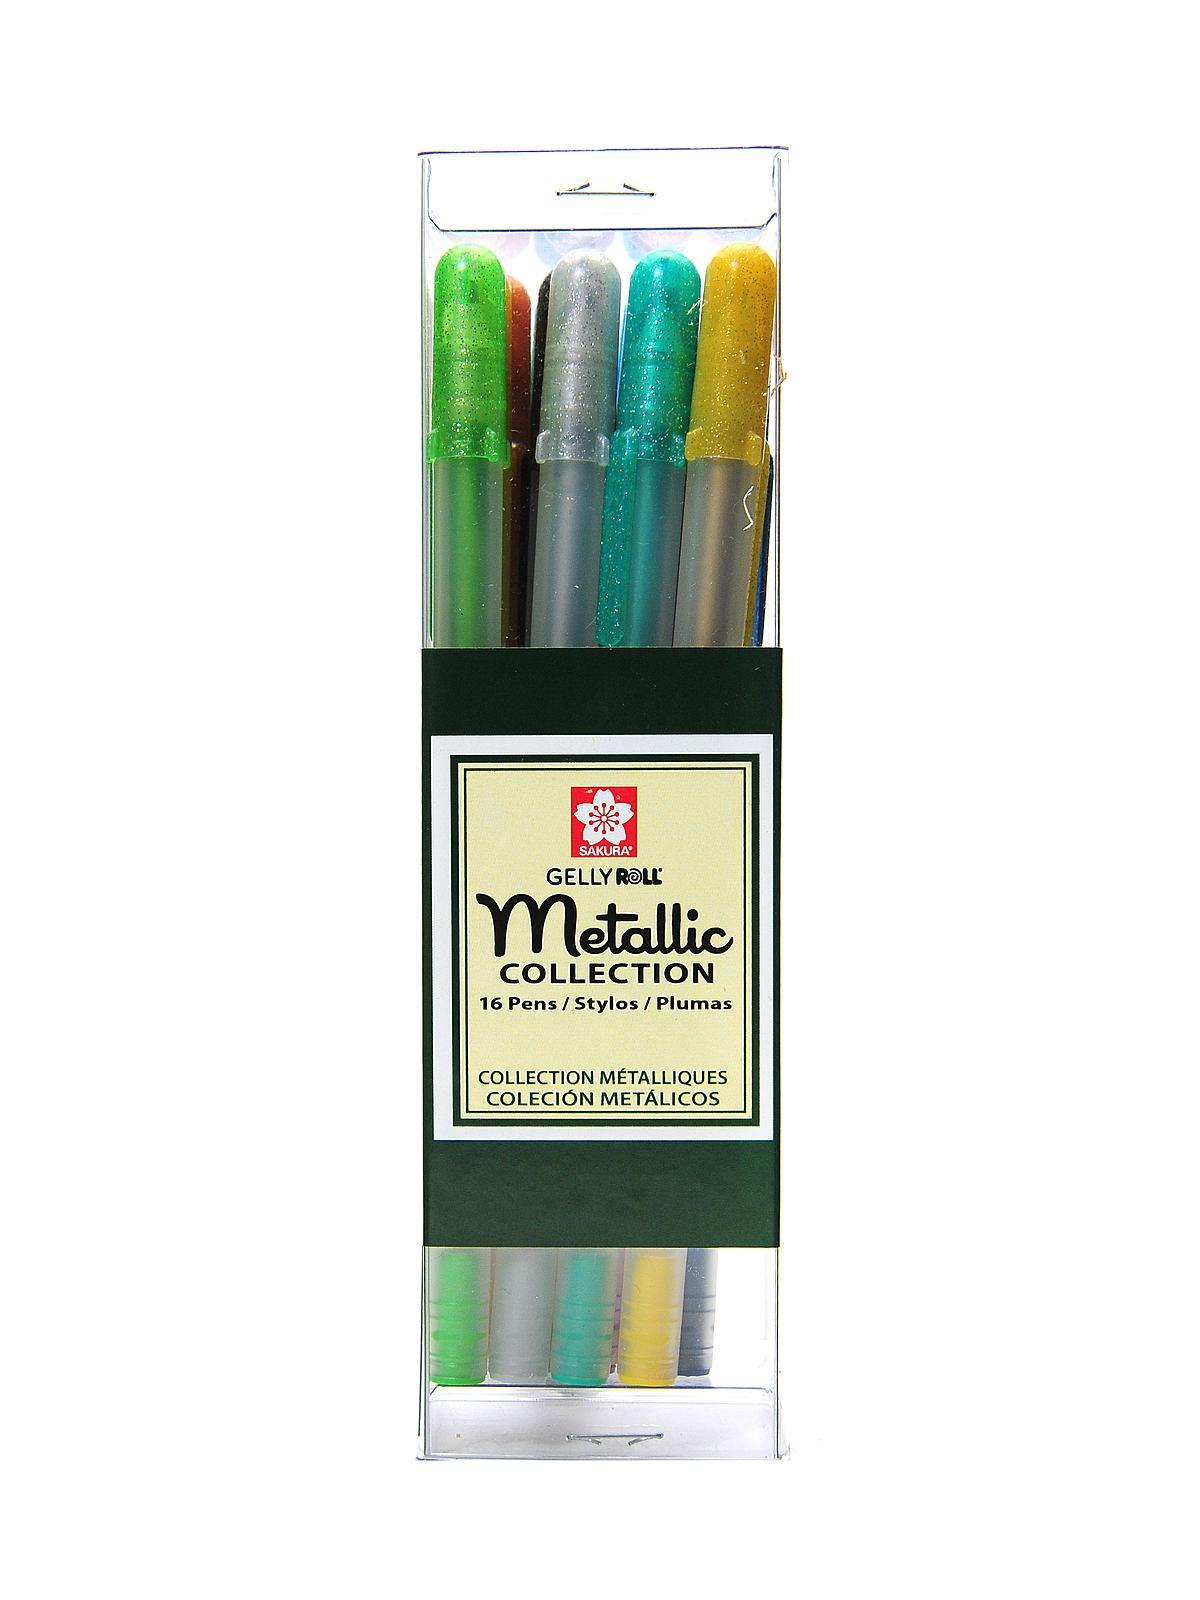 Sakura Gelly Roll Metallic Pen Sets Misterart Com